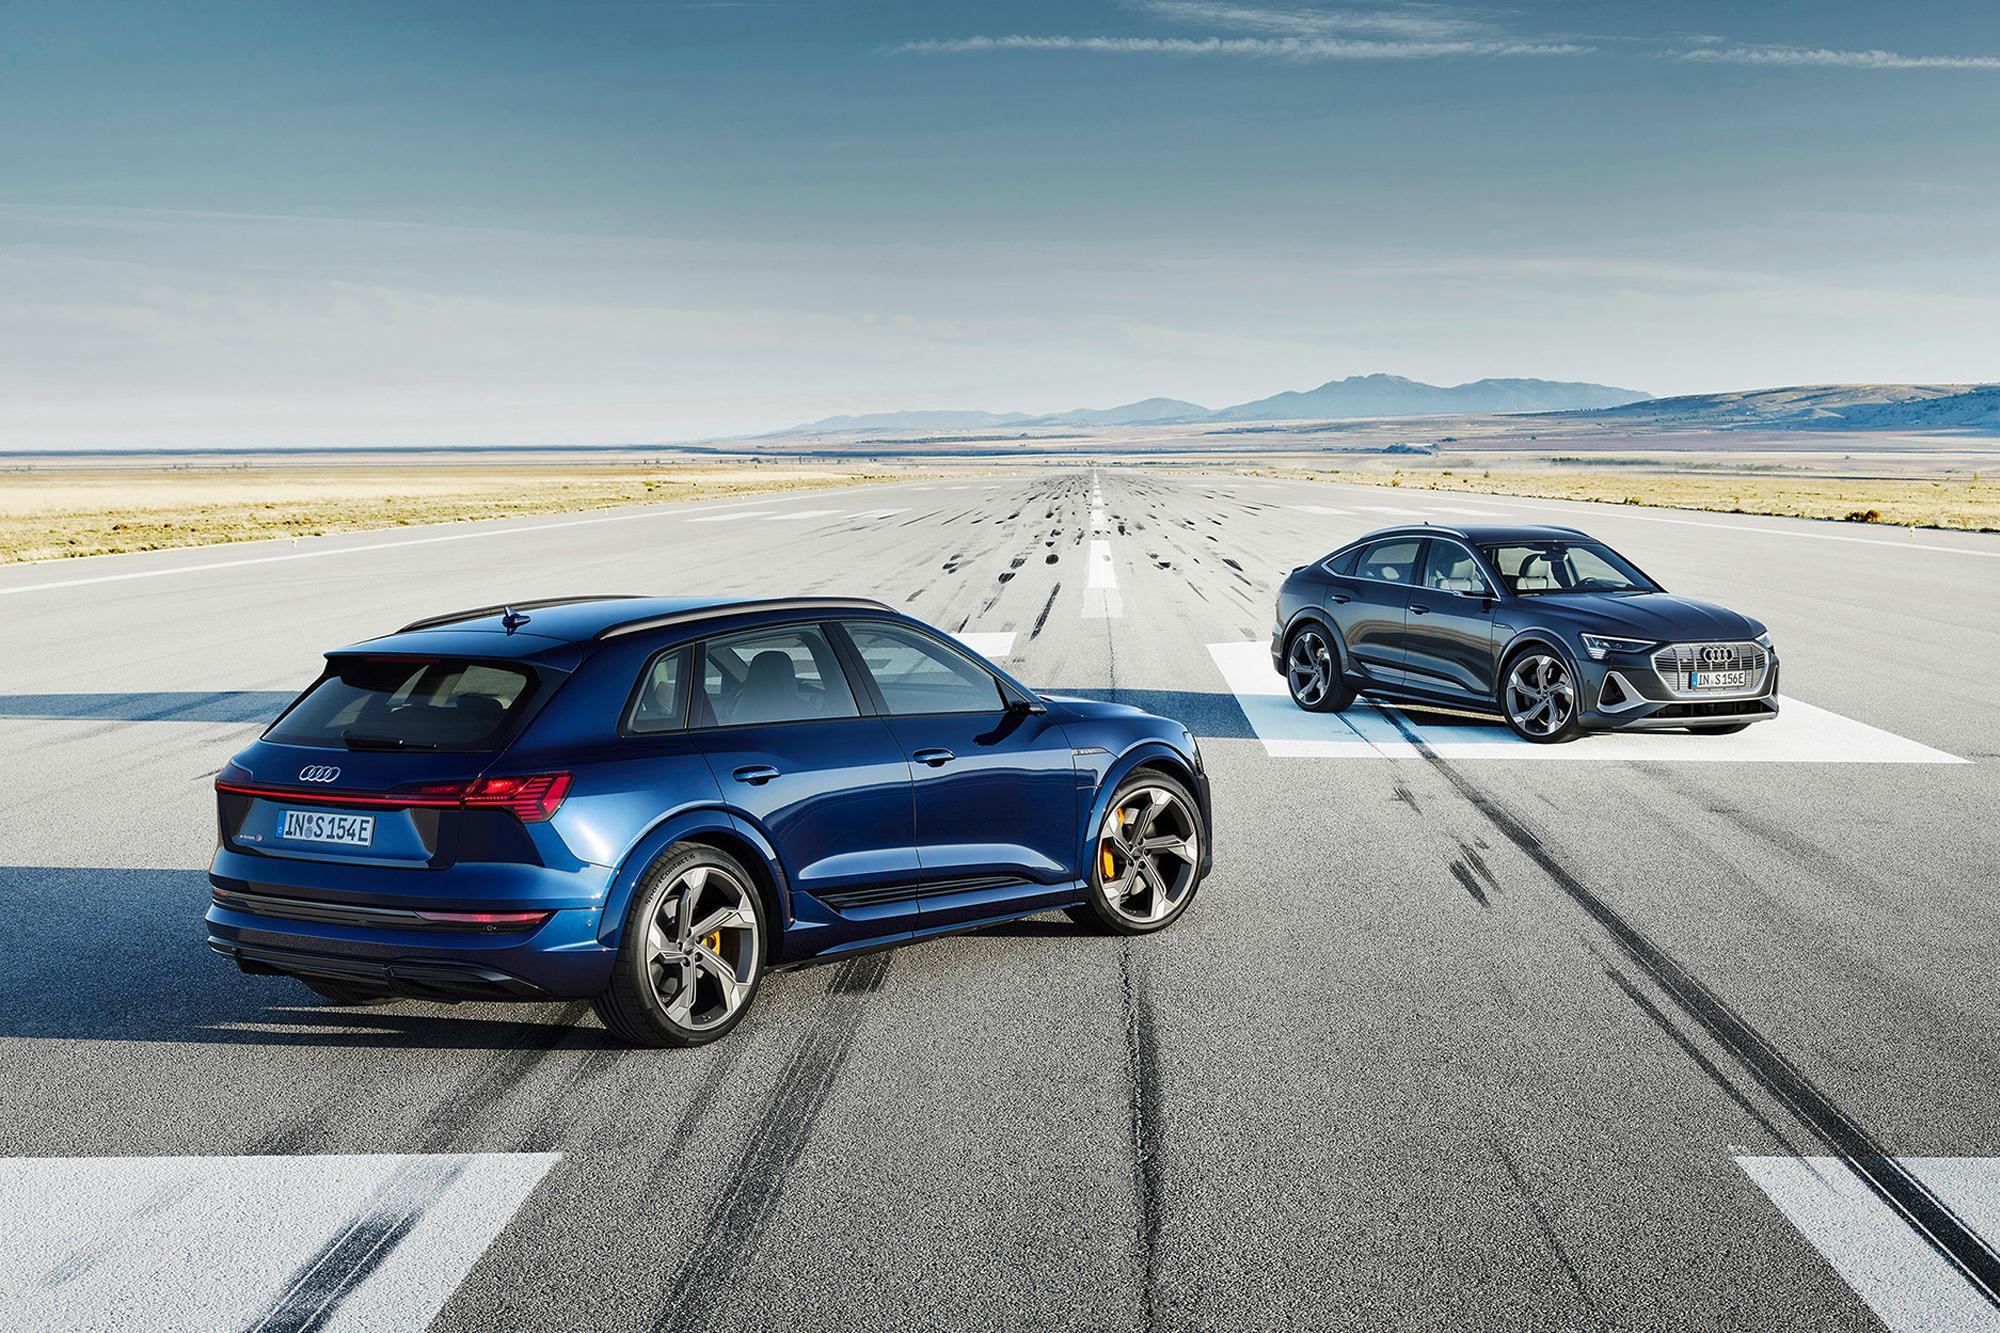 Η Audi έκλεισε το 2020 με το πιο επιτυχημένο τρίμηνο στην ιστορία της